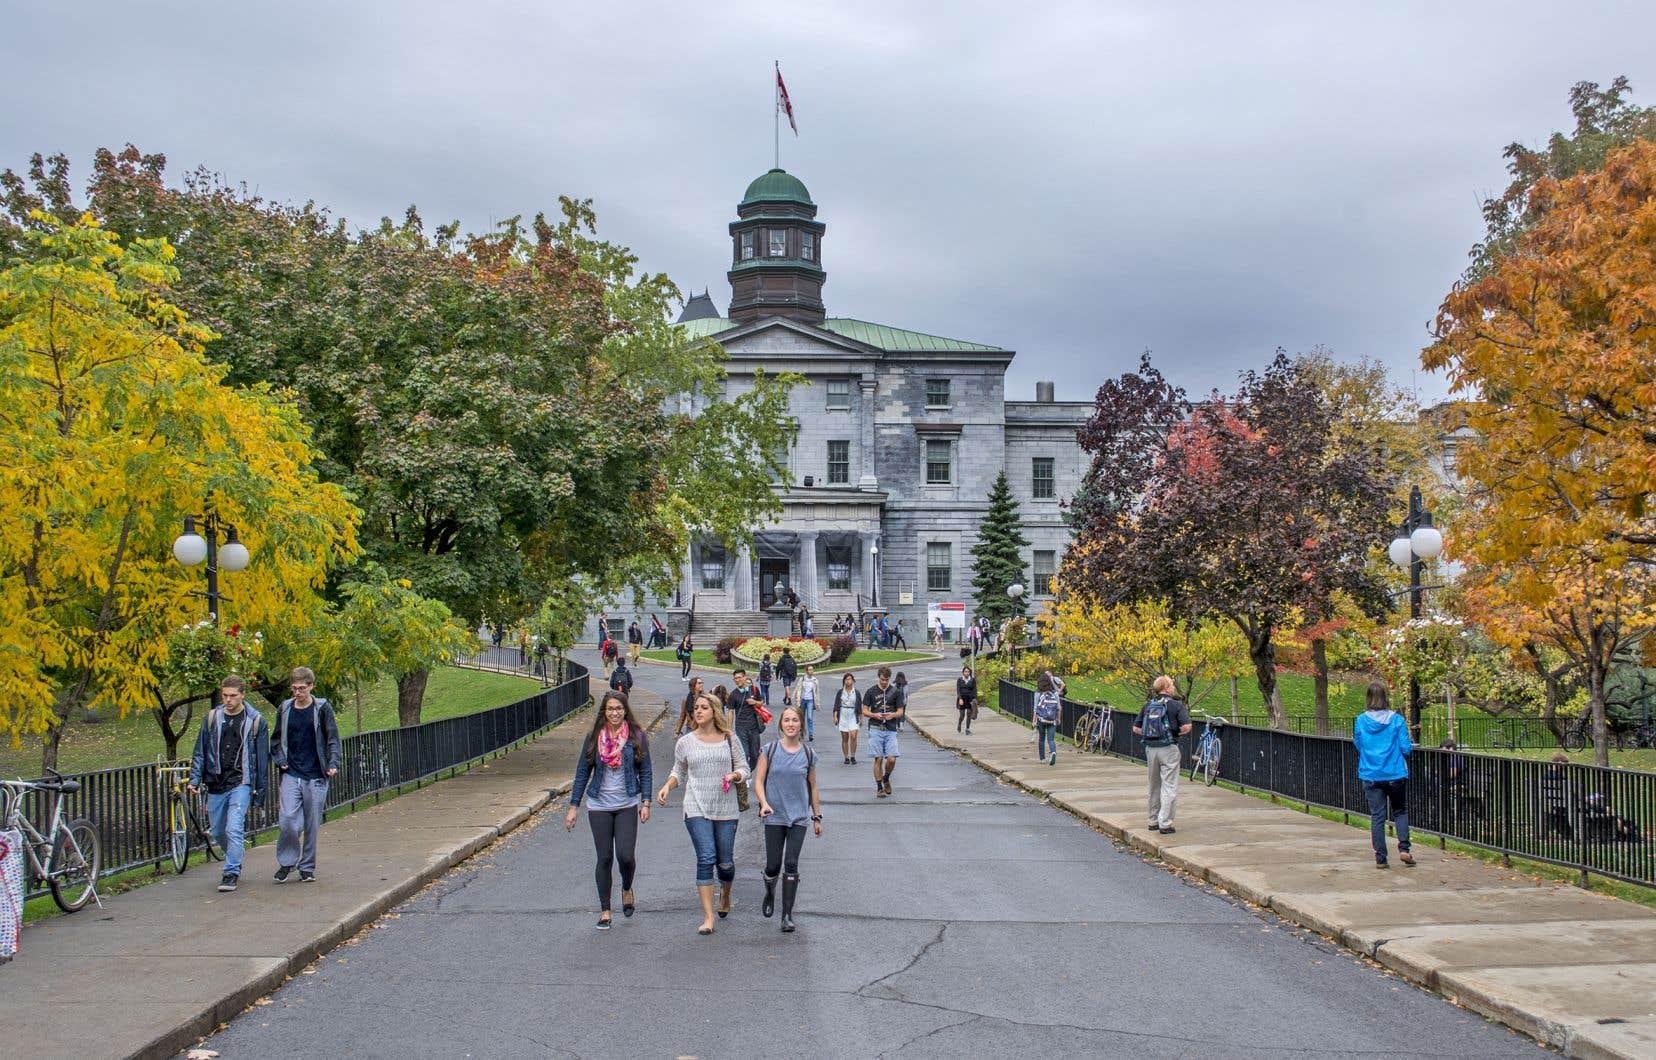 McGill a encaissé à elle seule 30% des transferts fédéraux versés aux universités québécoises, entre les années 2000 et 2017.